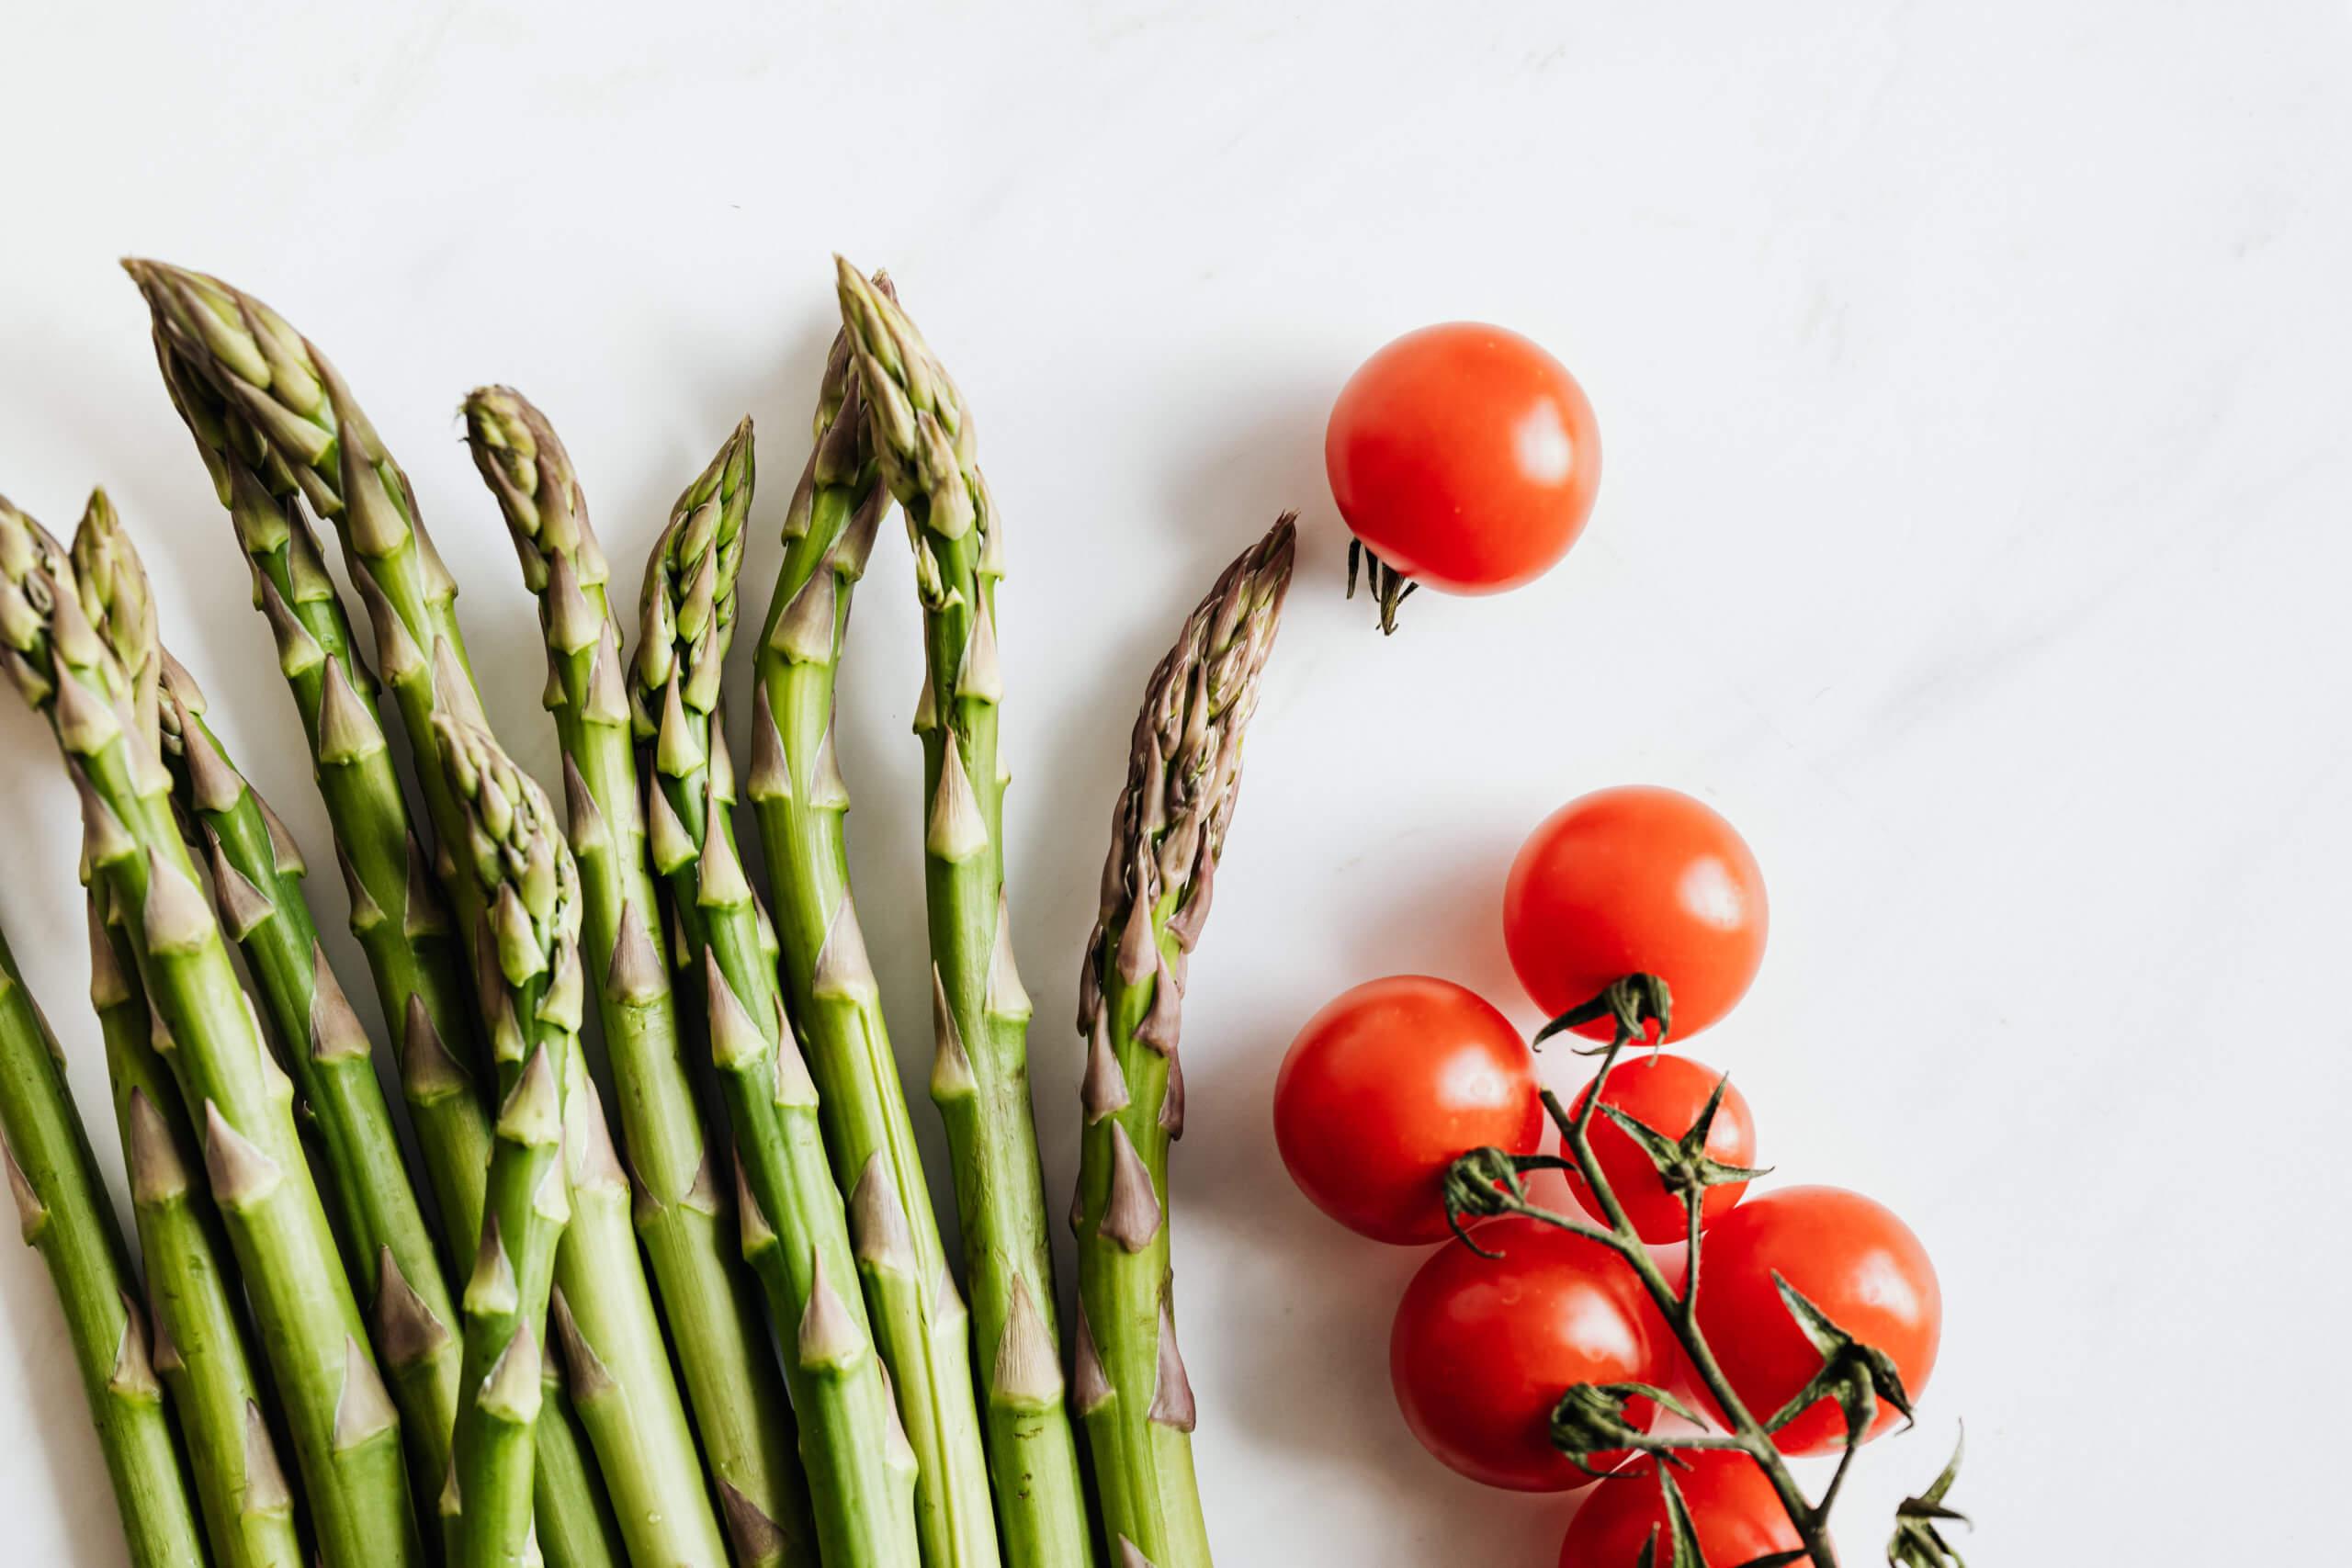 アスパラとトマト